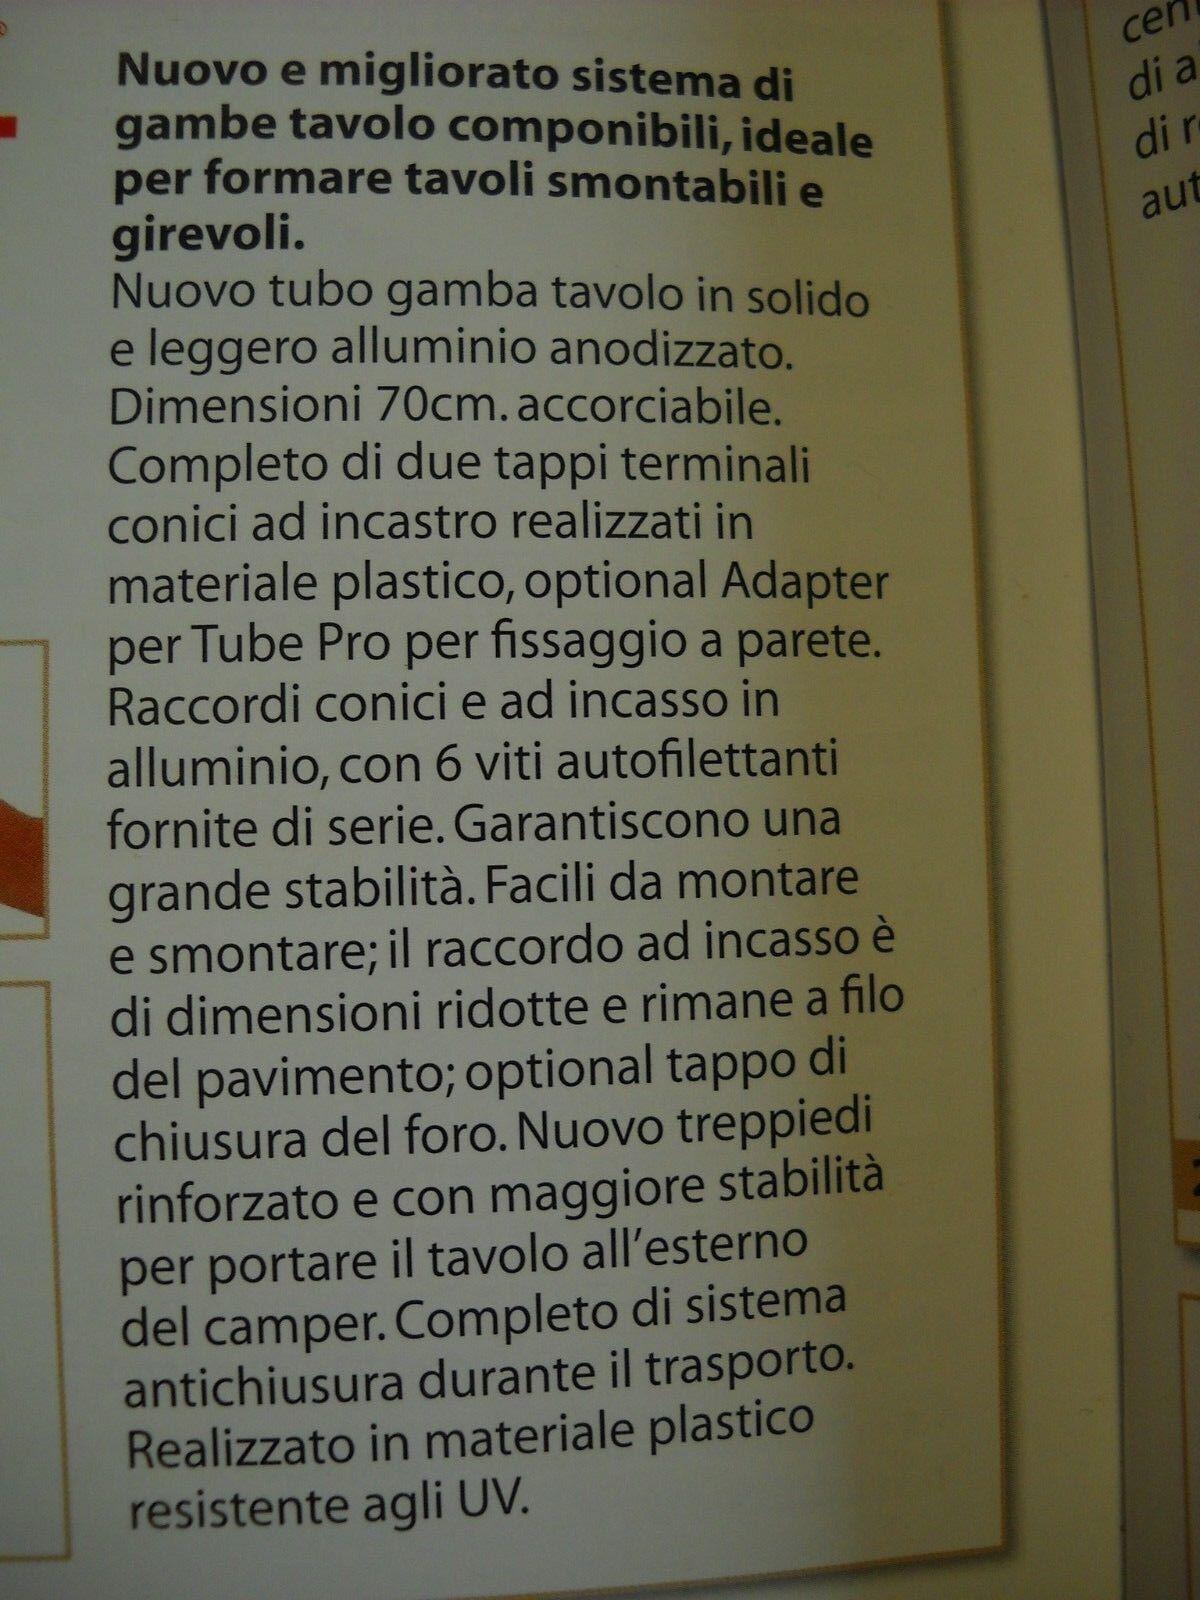 FIAMMA    TABLE LEGS  NUOVO GAMBO TAVOLO COMPONIBILE PER CAMPER   CARAVAN E BARCHE ff138e